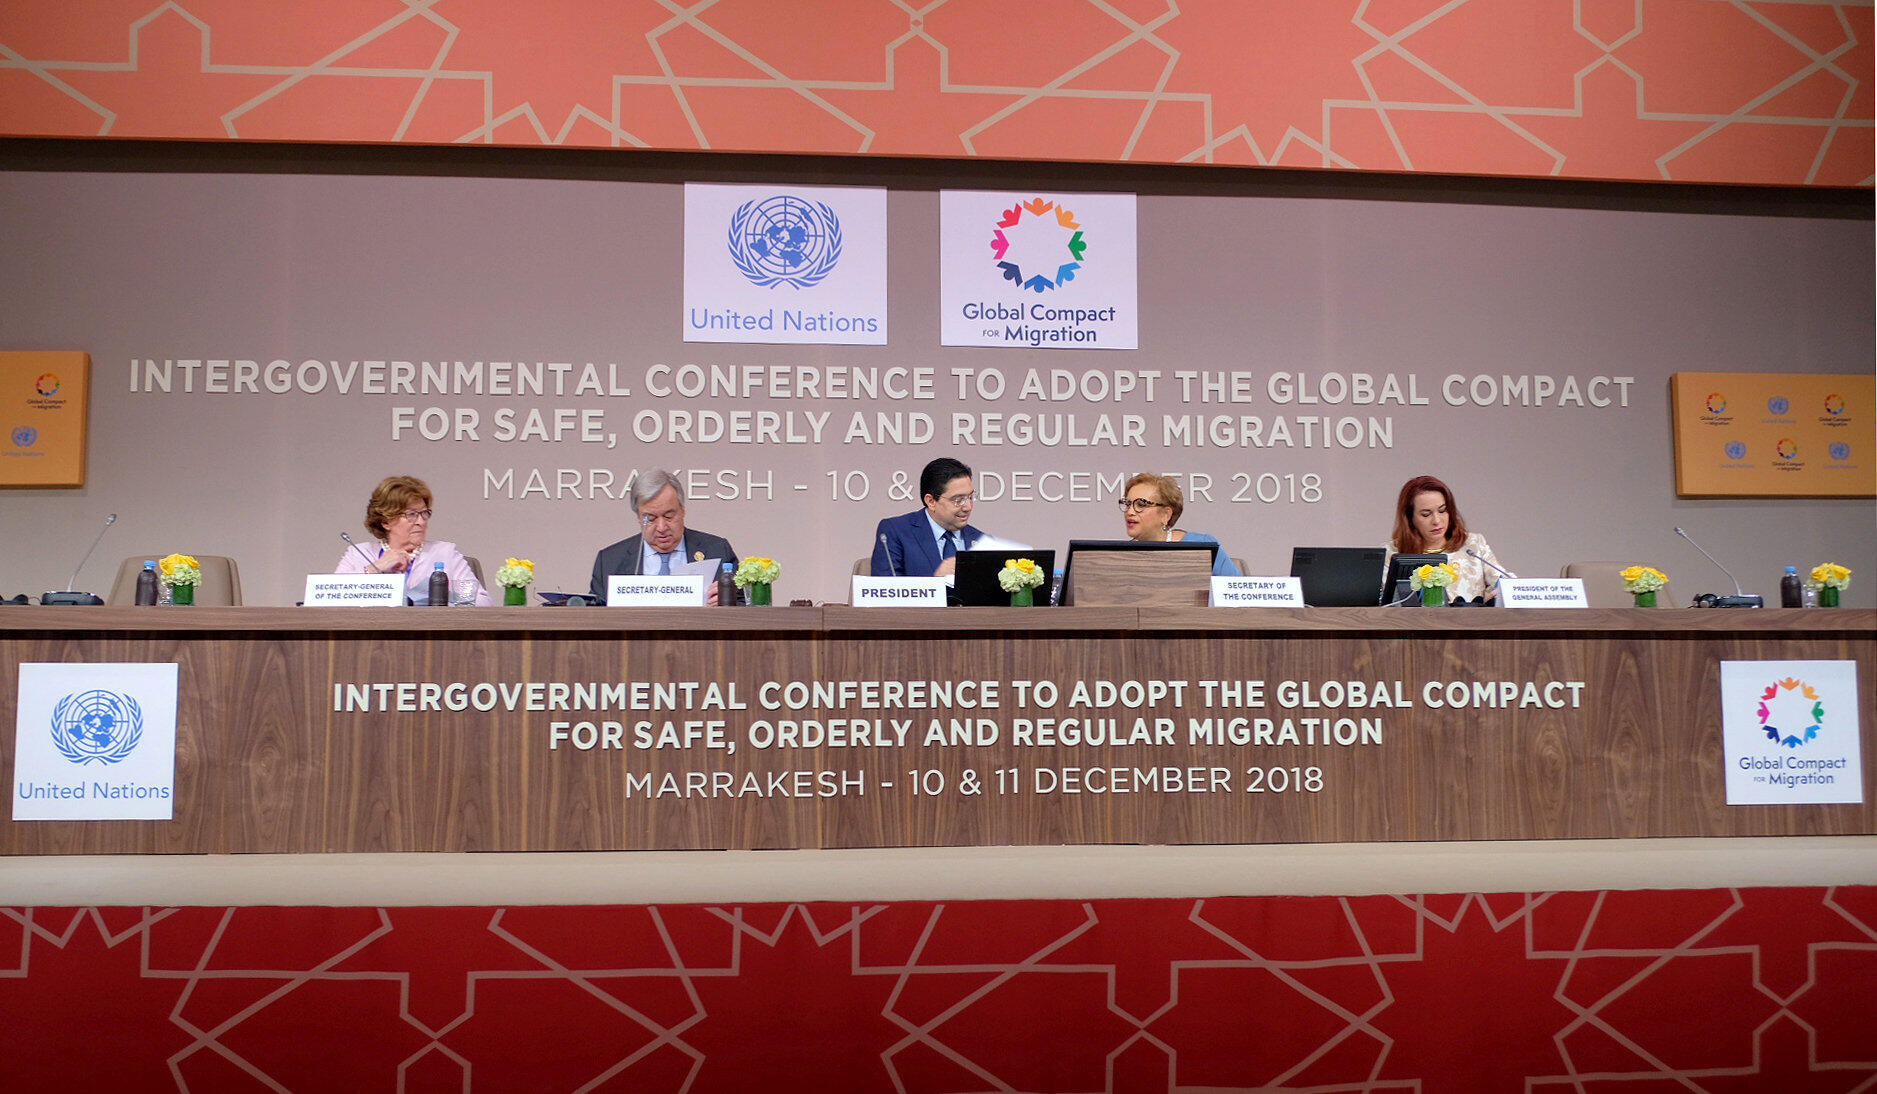 """در """"یازدهمین نشست جهانی مهاجرت و توسعه""""، آنتونیو گوترش دبیرکل سازمان ملل متحد و برخی مقامهای عالیرتبه جهان حضور دارند. دوشنبه ١٩ آذر/ ١٠ دسامبر ٢٠۱٨"""